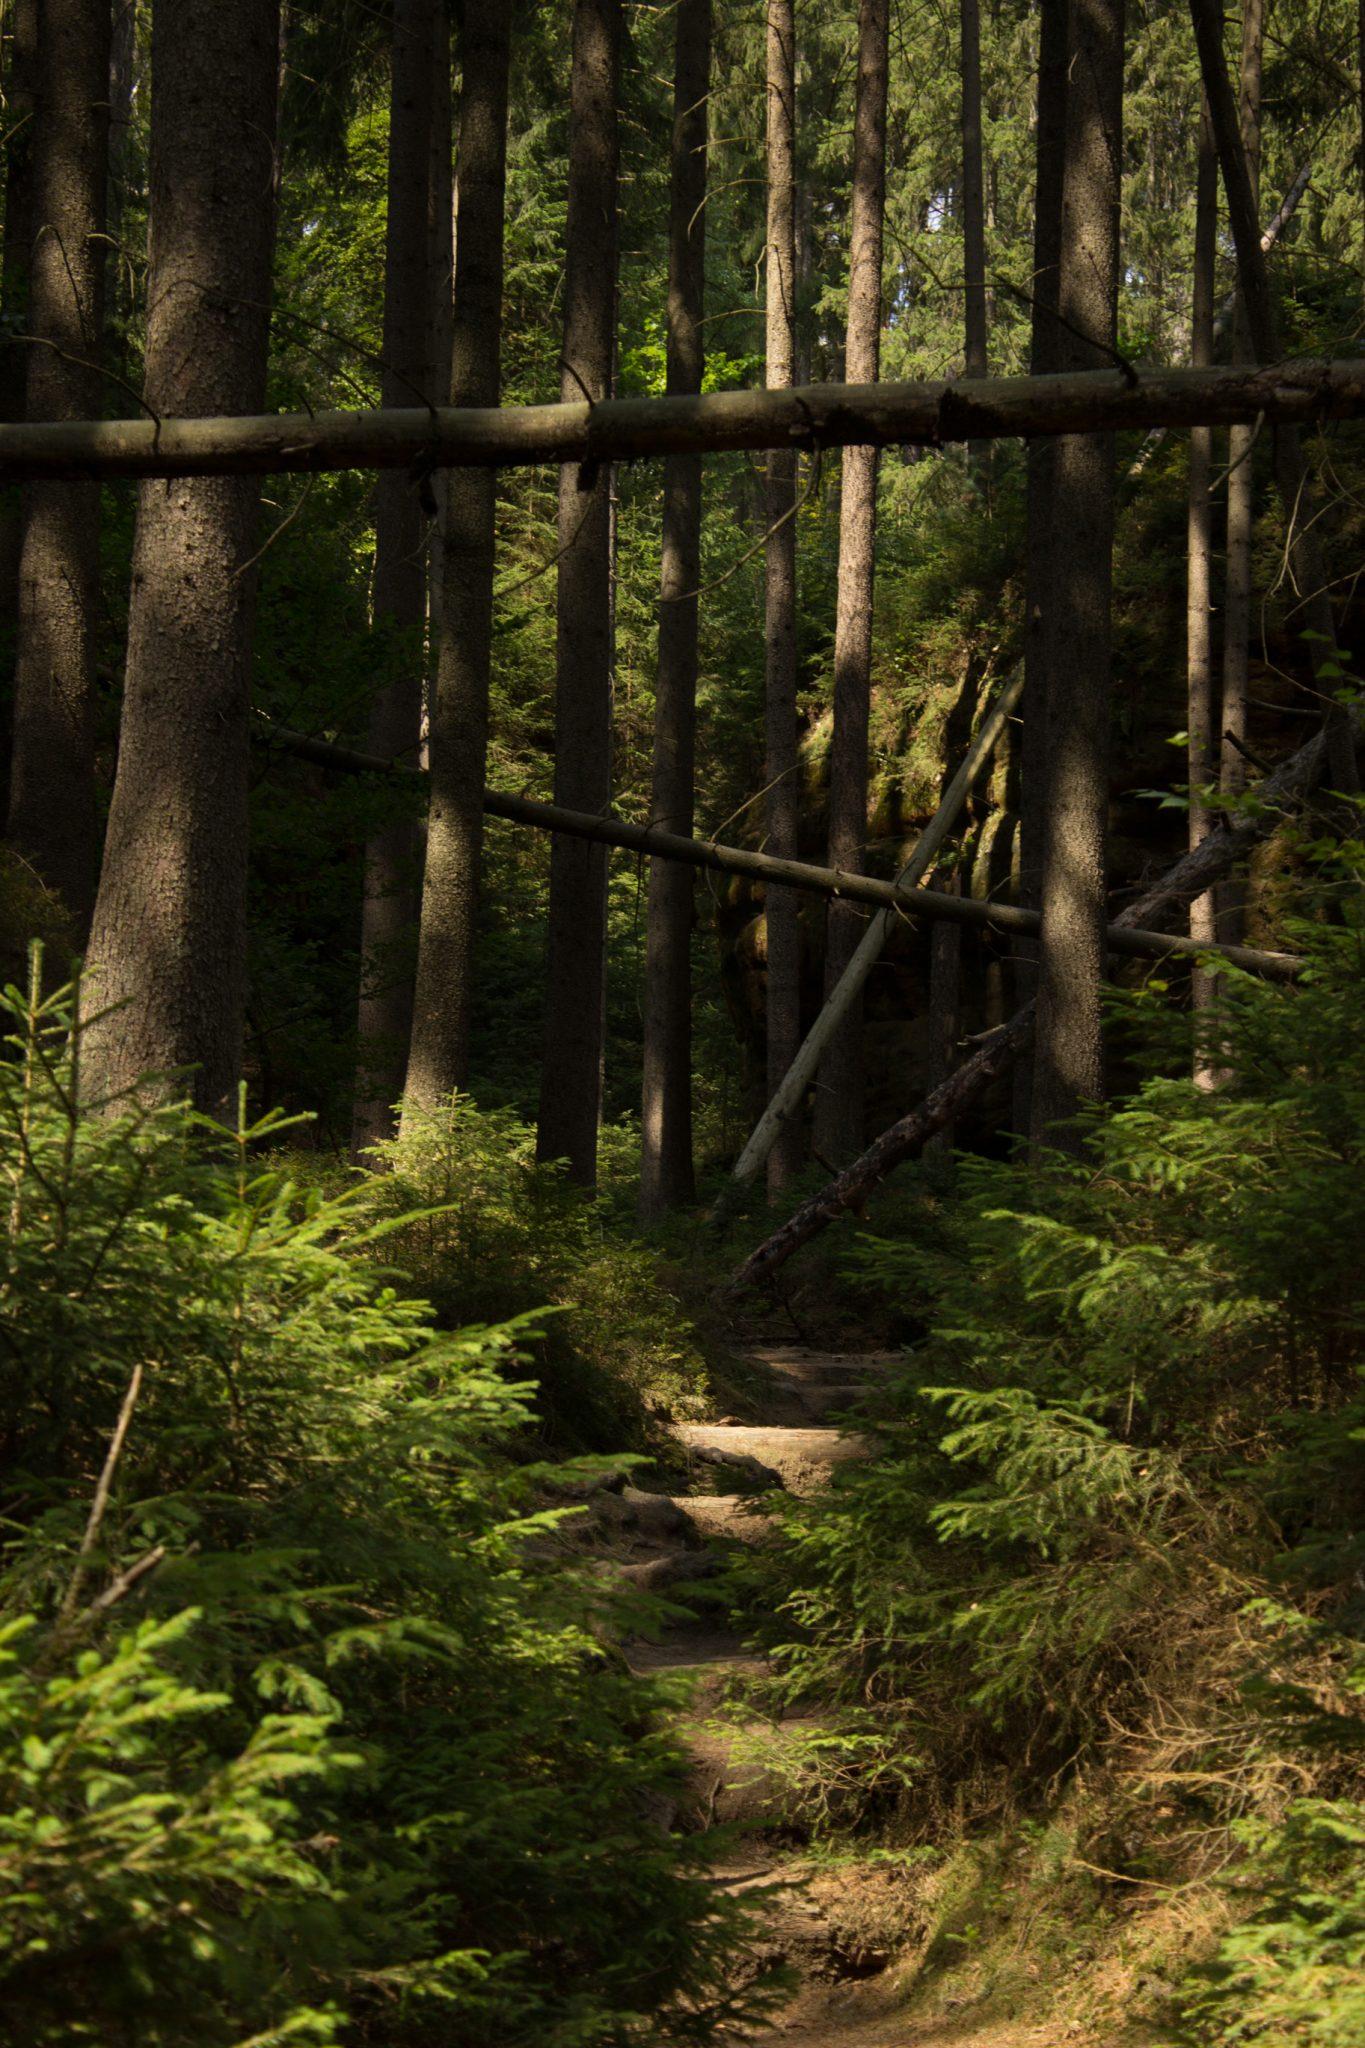 Kirnitzschklamm Hermanseck und Königsplatz im Kirnitzschtal wandern, Wanderweg im Wanderparadies Sächsische Schweiz mit vielen tollen Aussichten, riesiger Felsennationalpark, schöner schmaler Pfad im schattenspendenden Wald